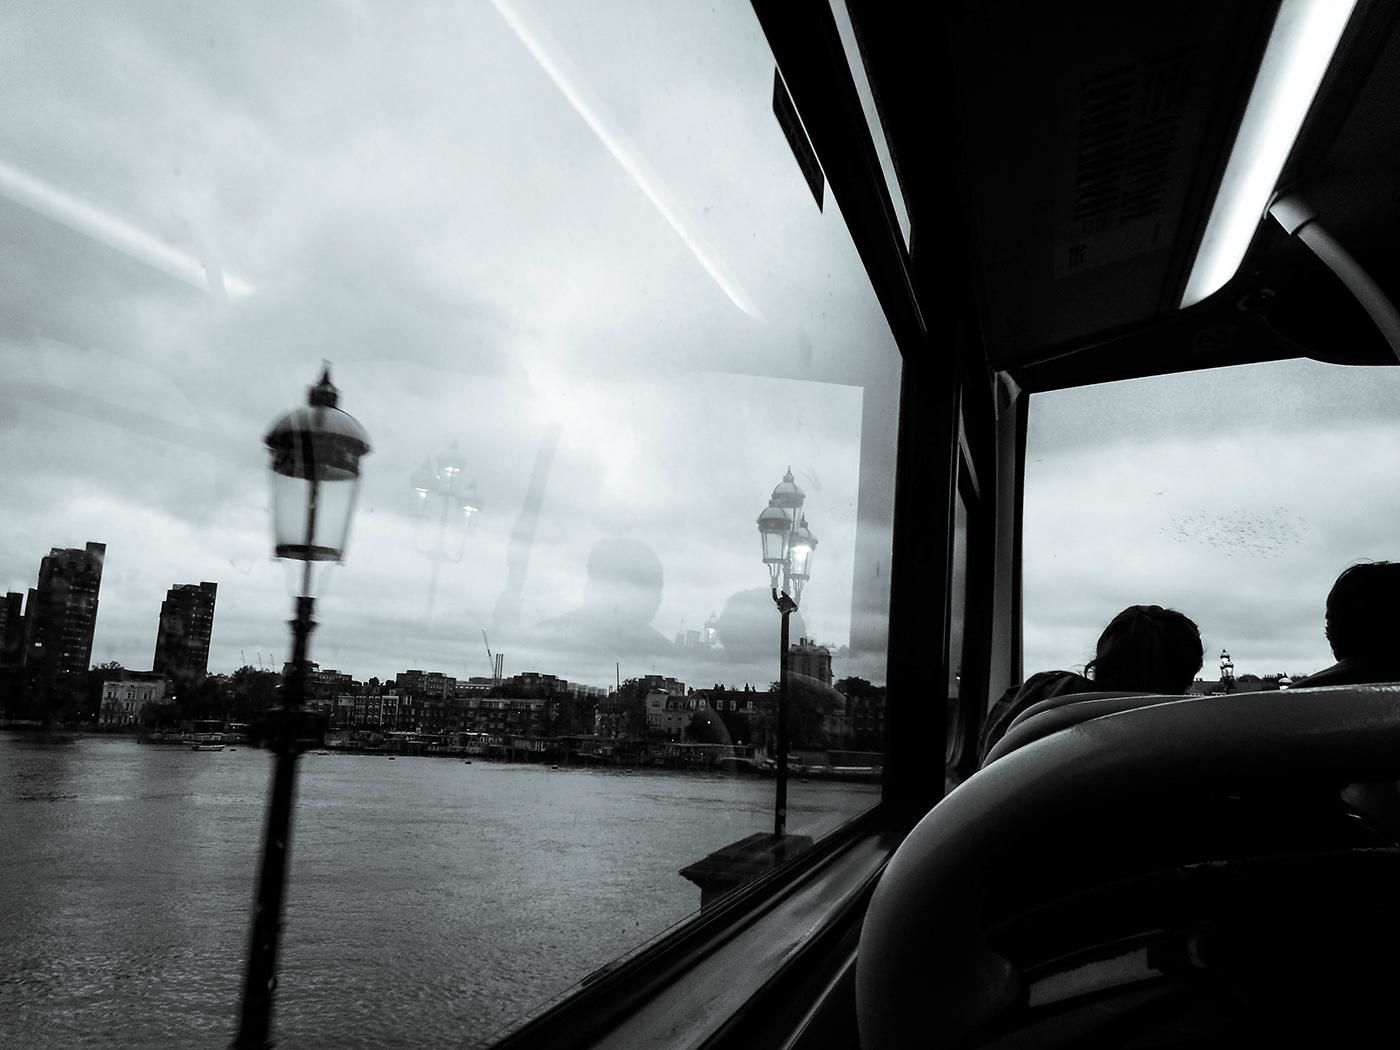 Black and white photography by Eleah Ramos - View her portfolio at eleahramos.com